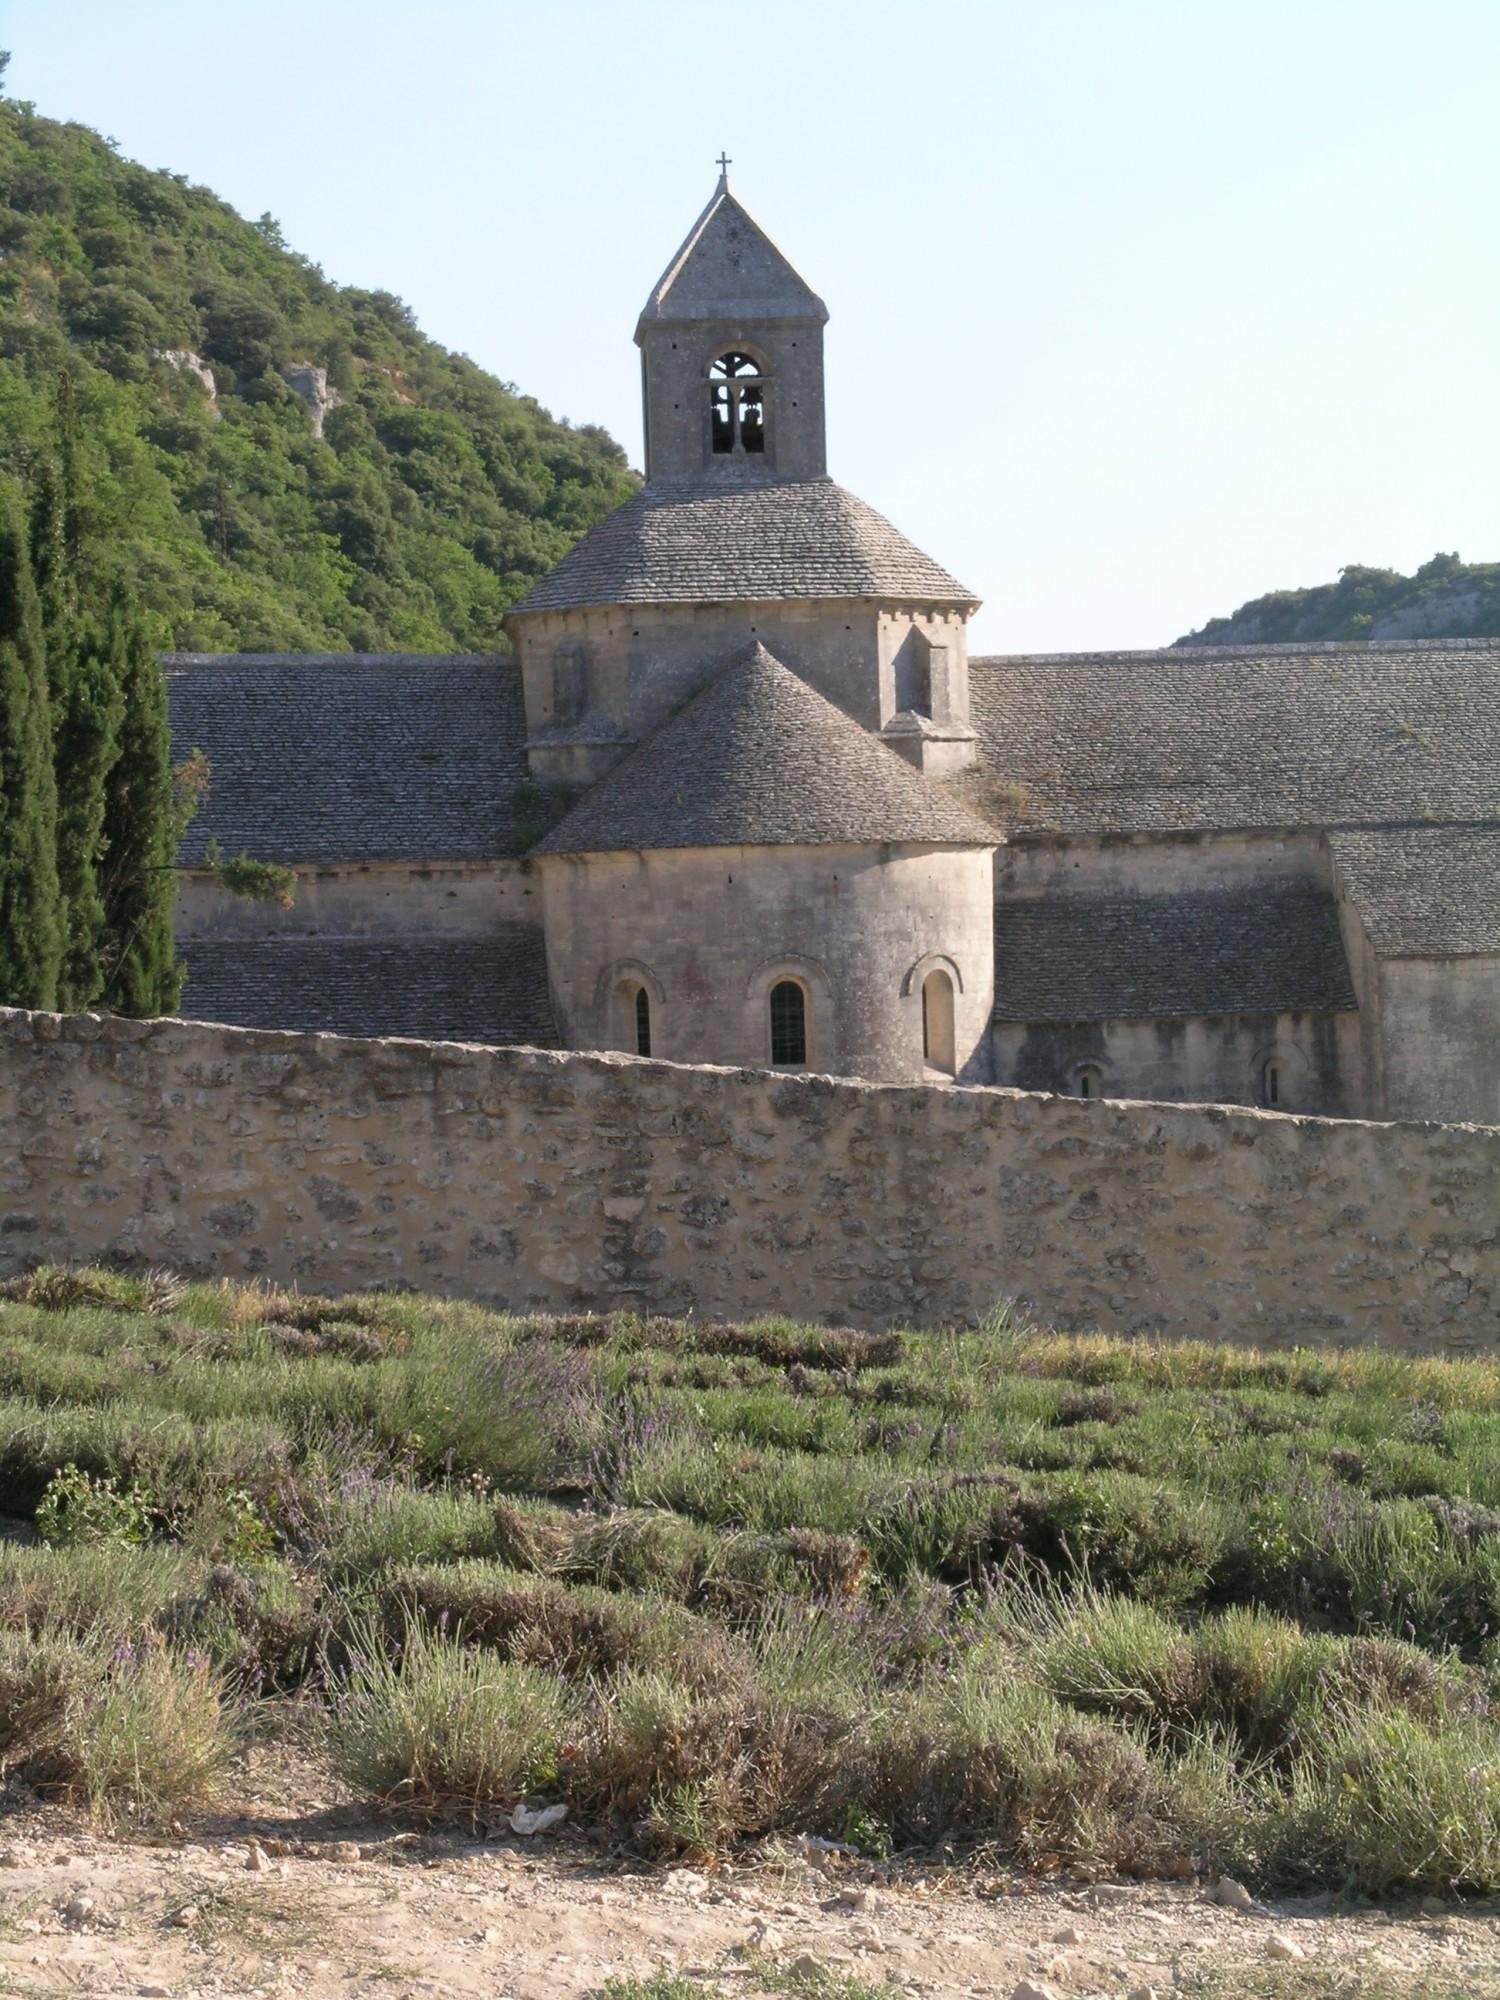 Notre-Dame de Sénanque, Luberon